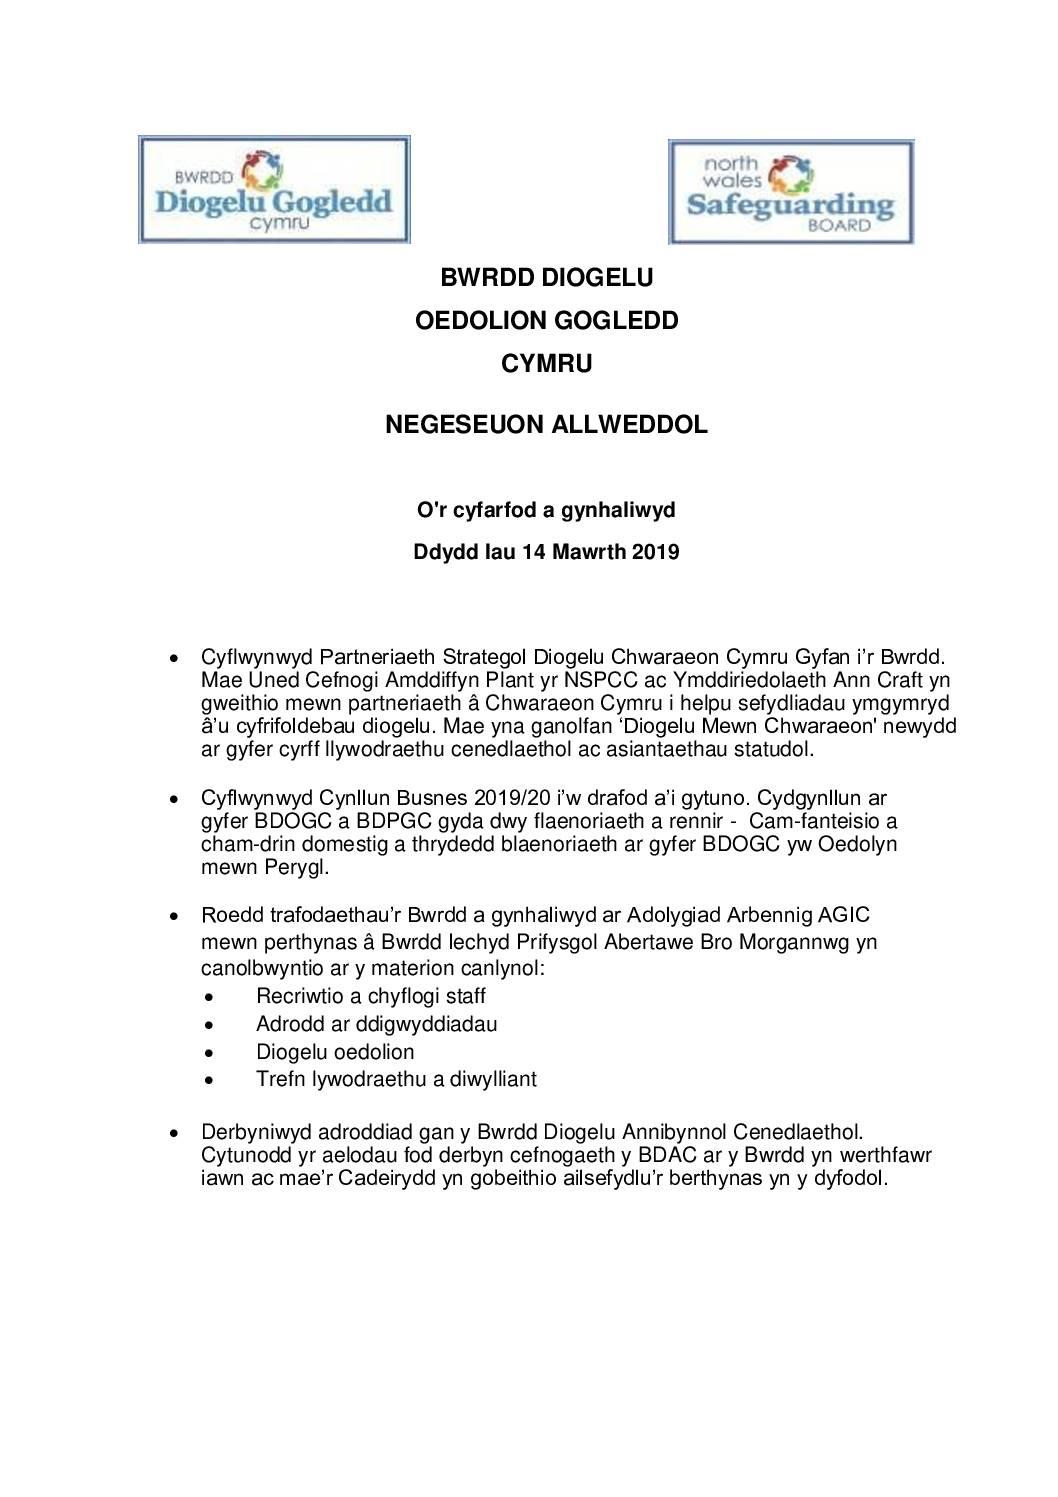 Negeseuon Allweddol BDOGC Mawrth 2019